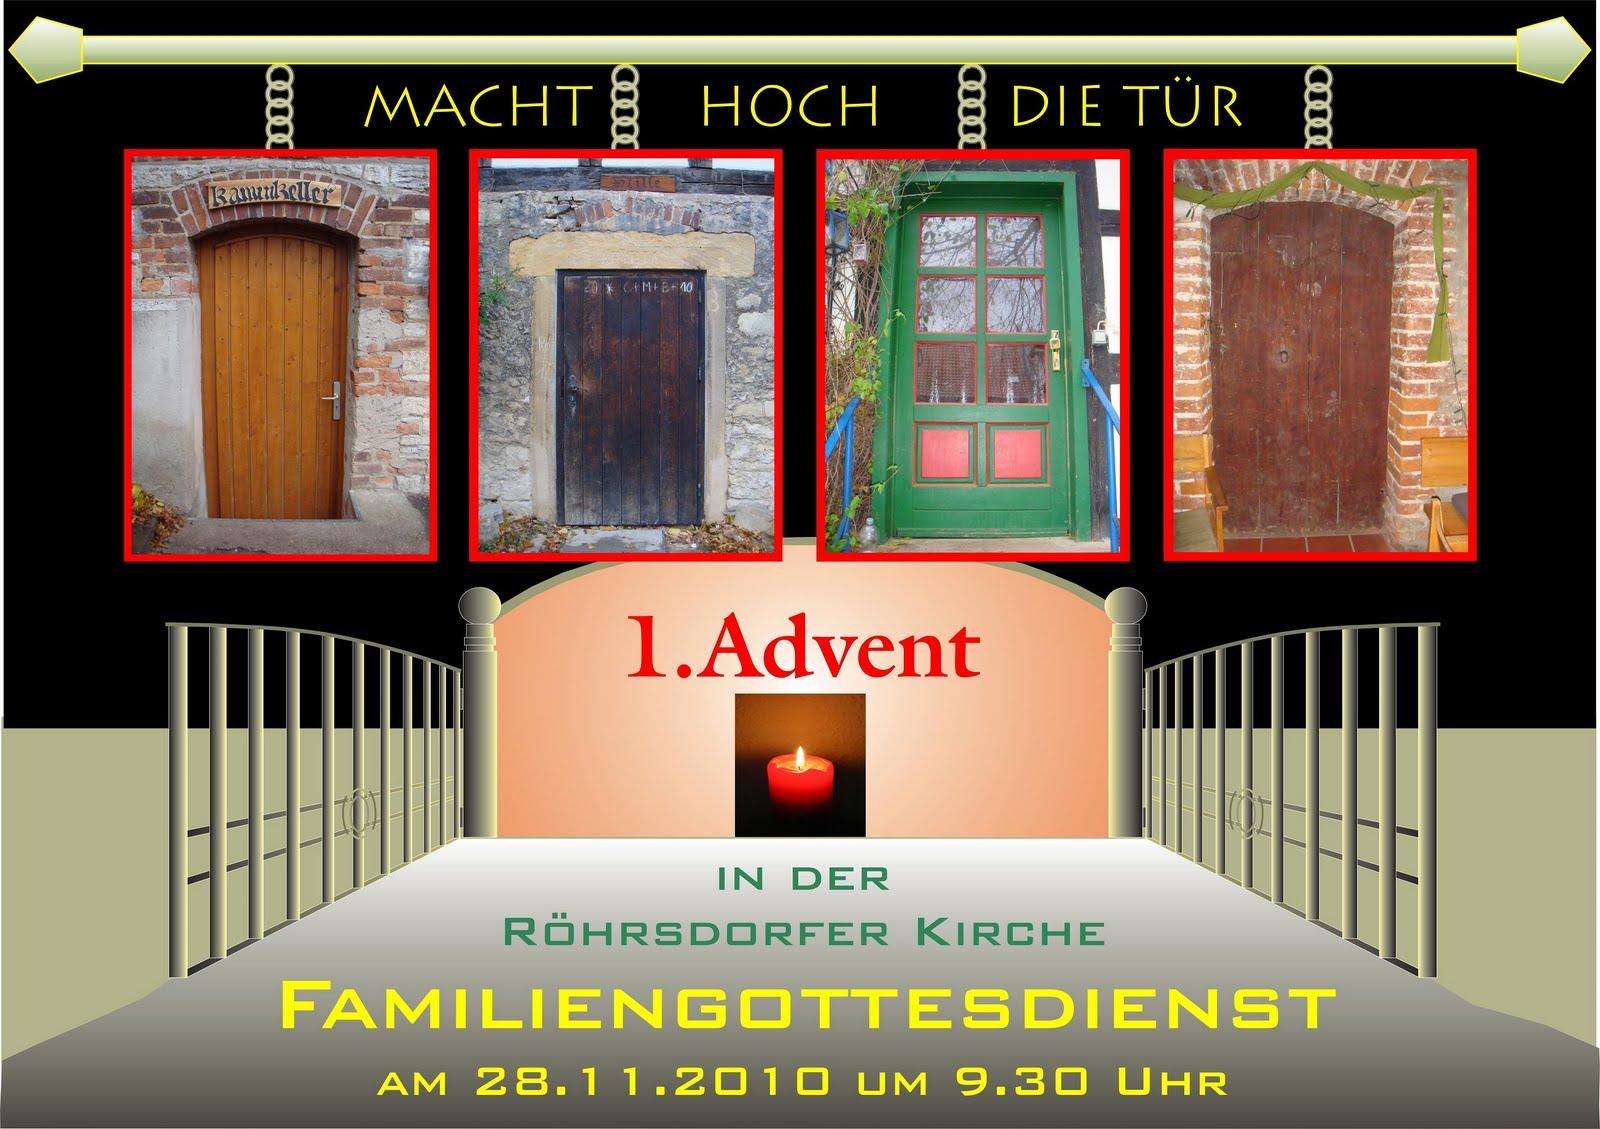 ev luth kirchgemeinde r hrsdorf familiengottesdienst am. Black Bedroom Furniture Sets. Home Design Ideas